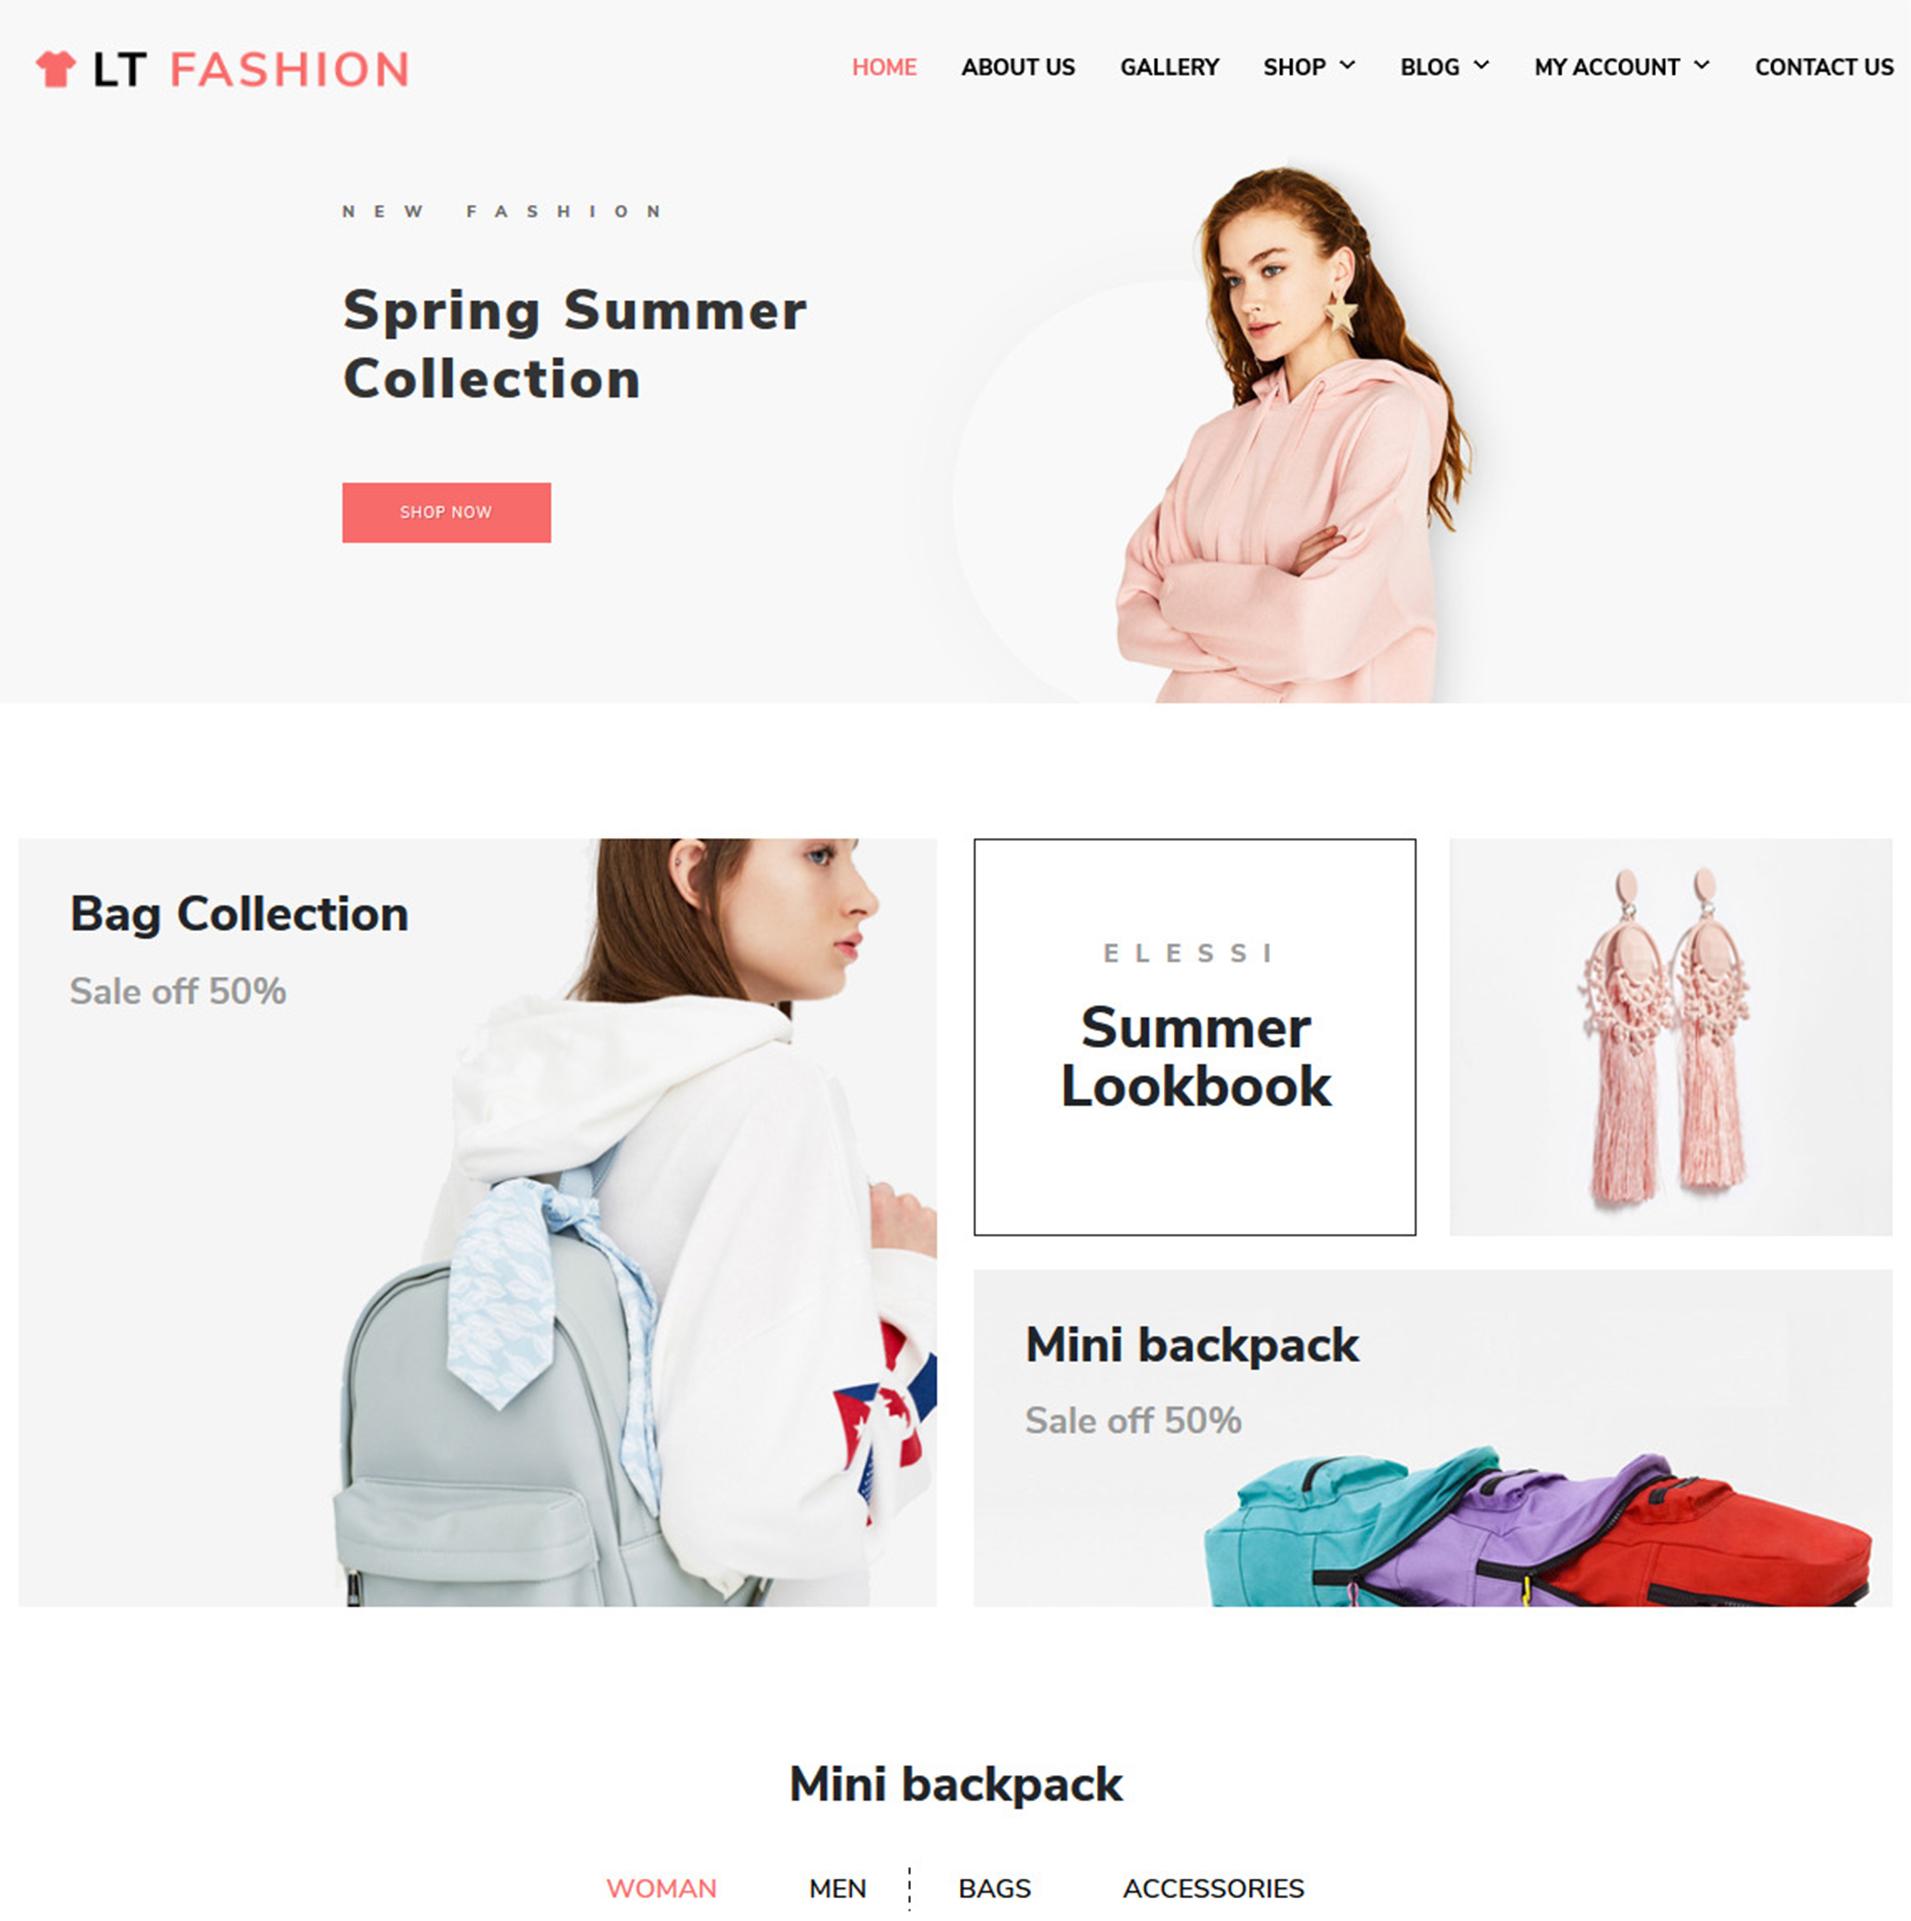 lt-fashion-free-wordpress-theme-screen